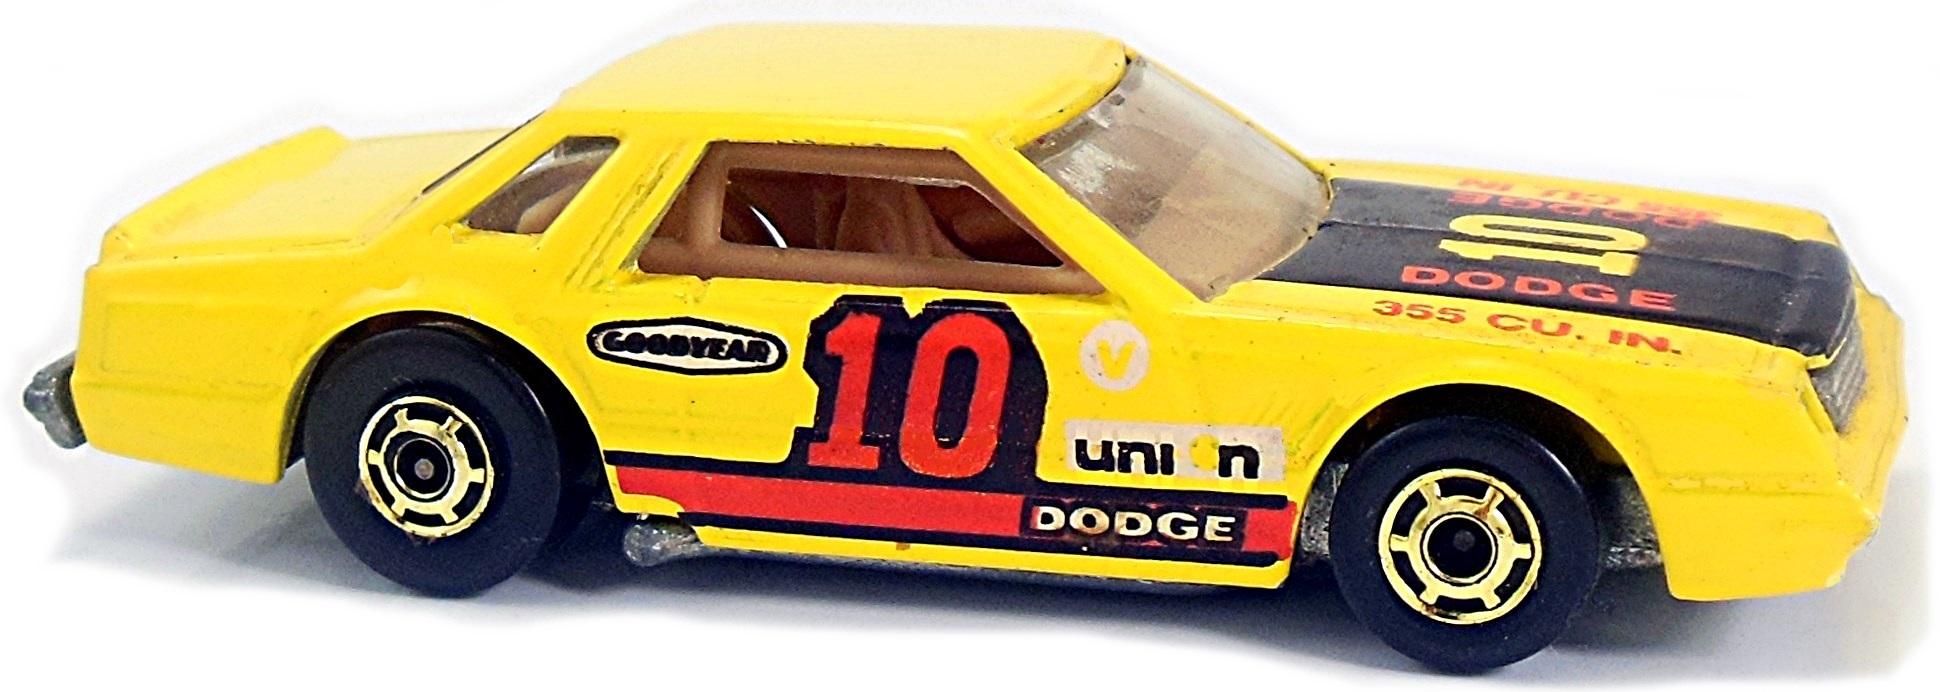 Mirada Stocker 81mm 1981 Hot Wheels Newsletter 1980 Dodge Interior B Yellow